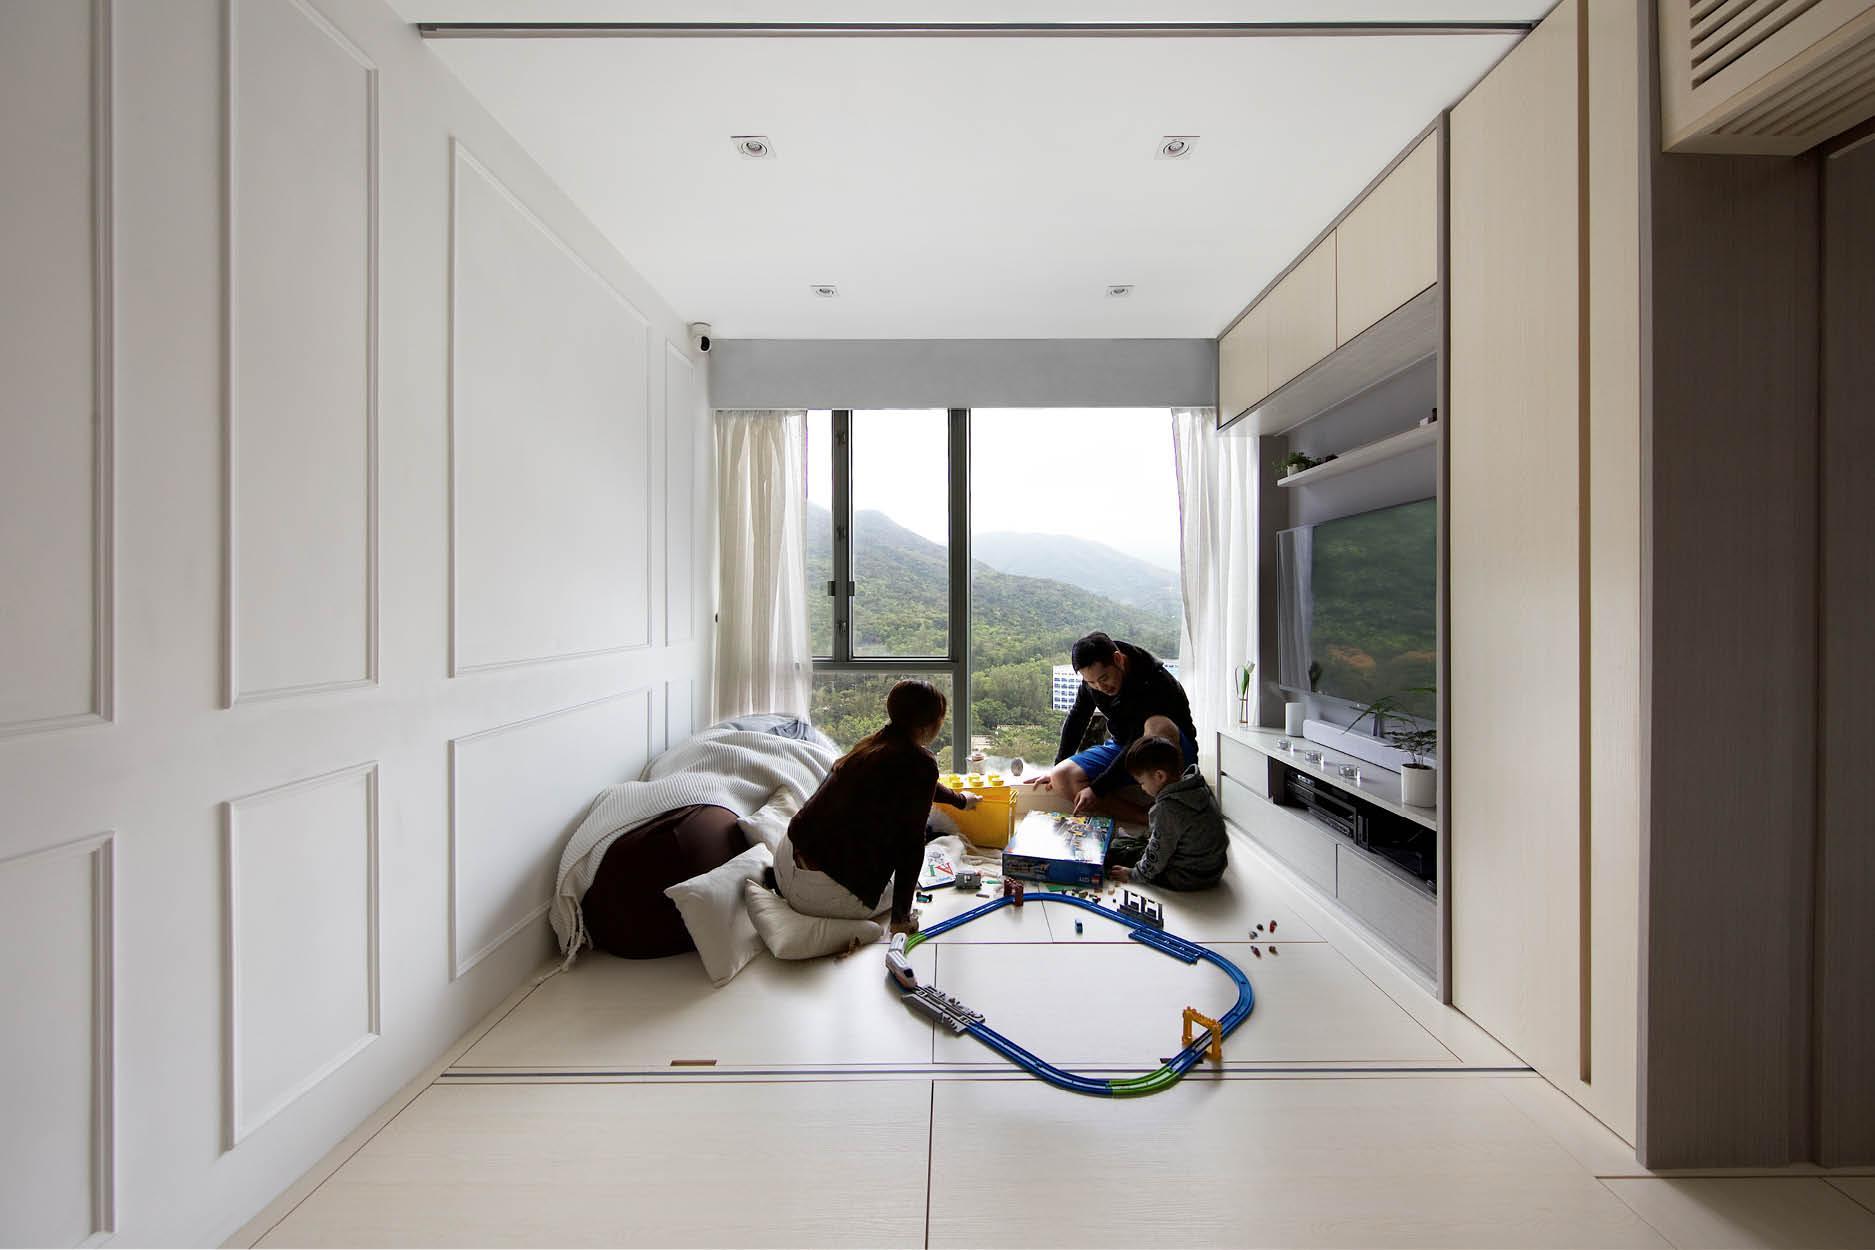 Căn hộ 45m² với mẹo bố trí hợp phong thủy giúp không gian thêm vượng khí, vợ chồng thêm thuận hòa  - Ảnh 4.